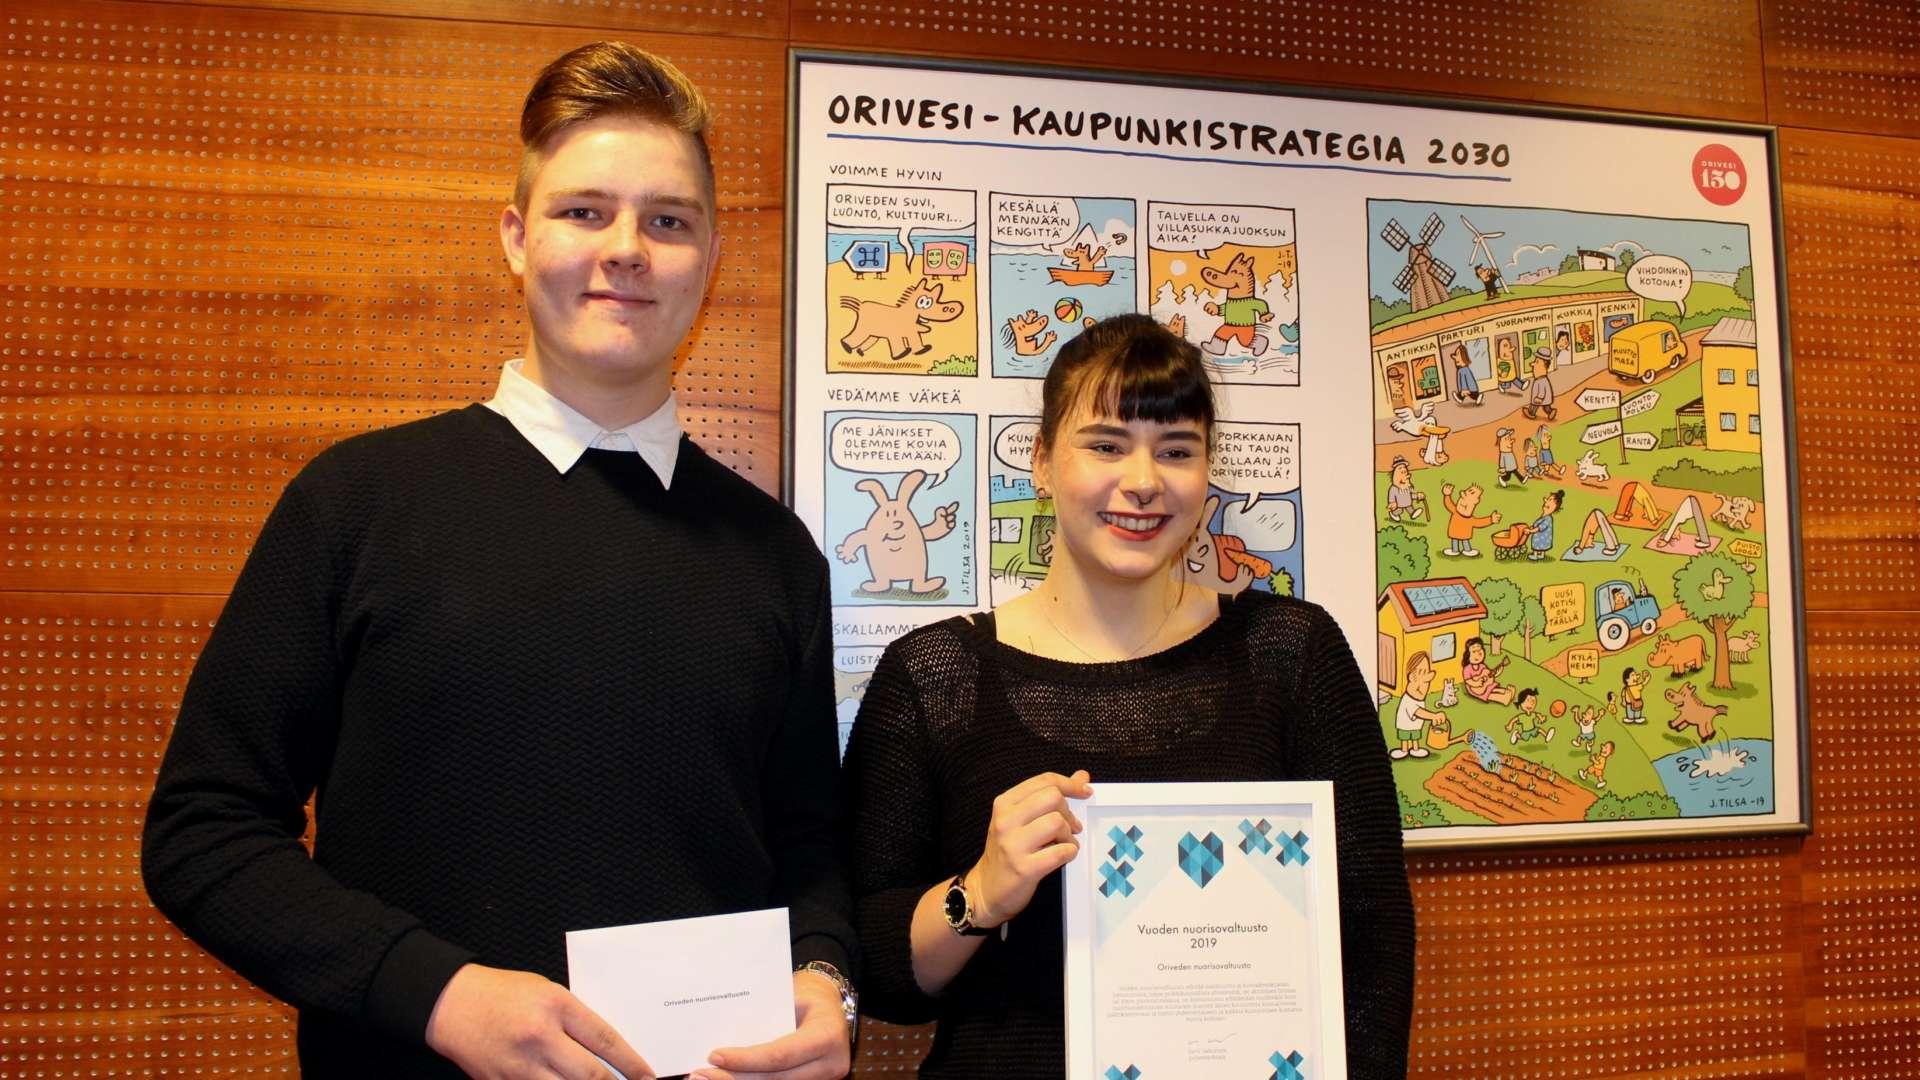 Nuorisovaltuusto valittiin Vuoden nuorisovaltuustoksi 2019. Kunniakirjaa ja kaupunginhallituksen huomionosoitusta esittelevät nuorisovaltuuston sihteeri Konsta Lamminen ja puheenjohtaja Aino Mäkelä.